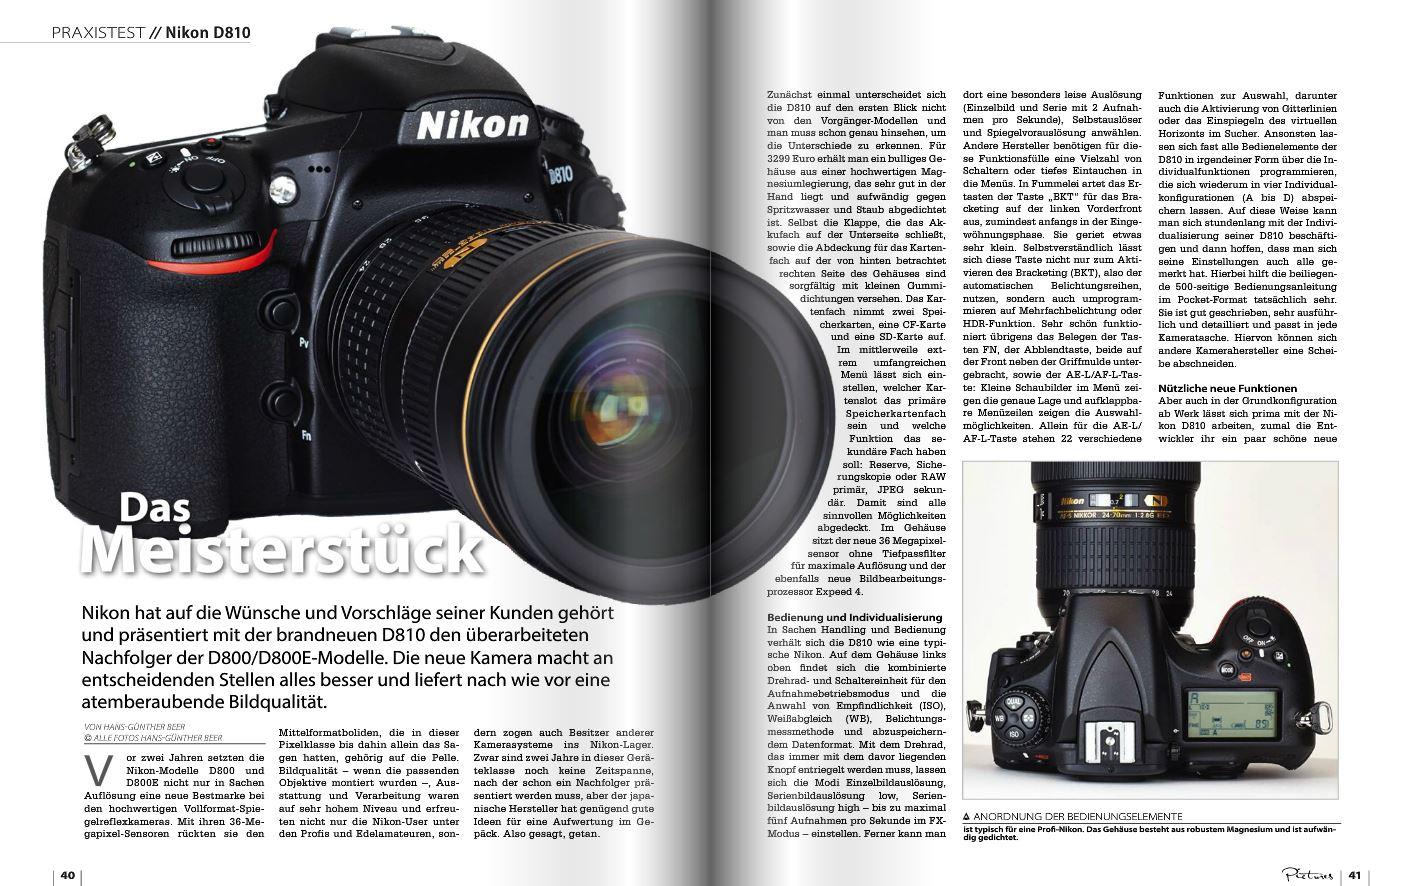 Ausgezeichnet Nikon Vollformat Kamera Liste Bilder - Rahmen Ideen ...